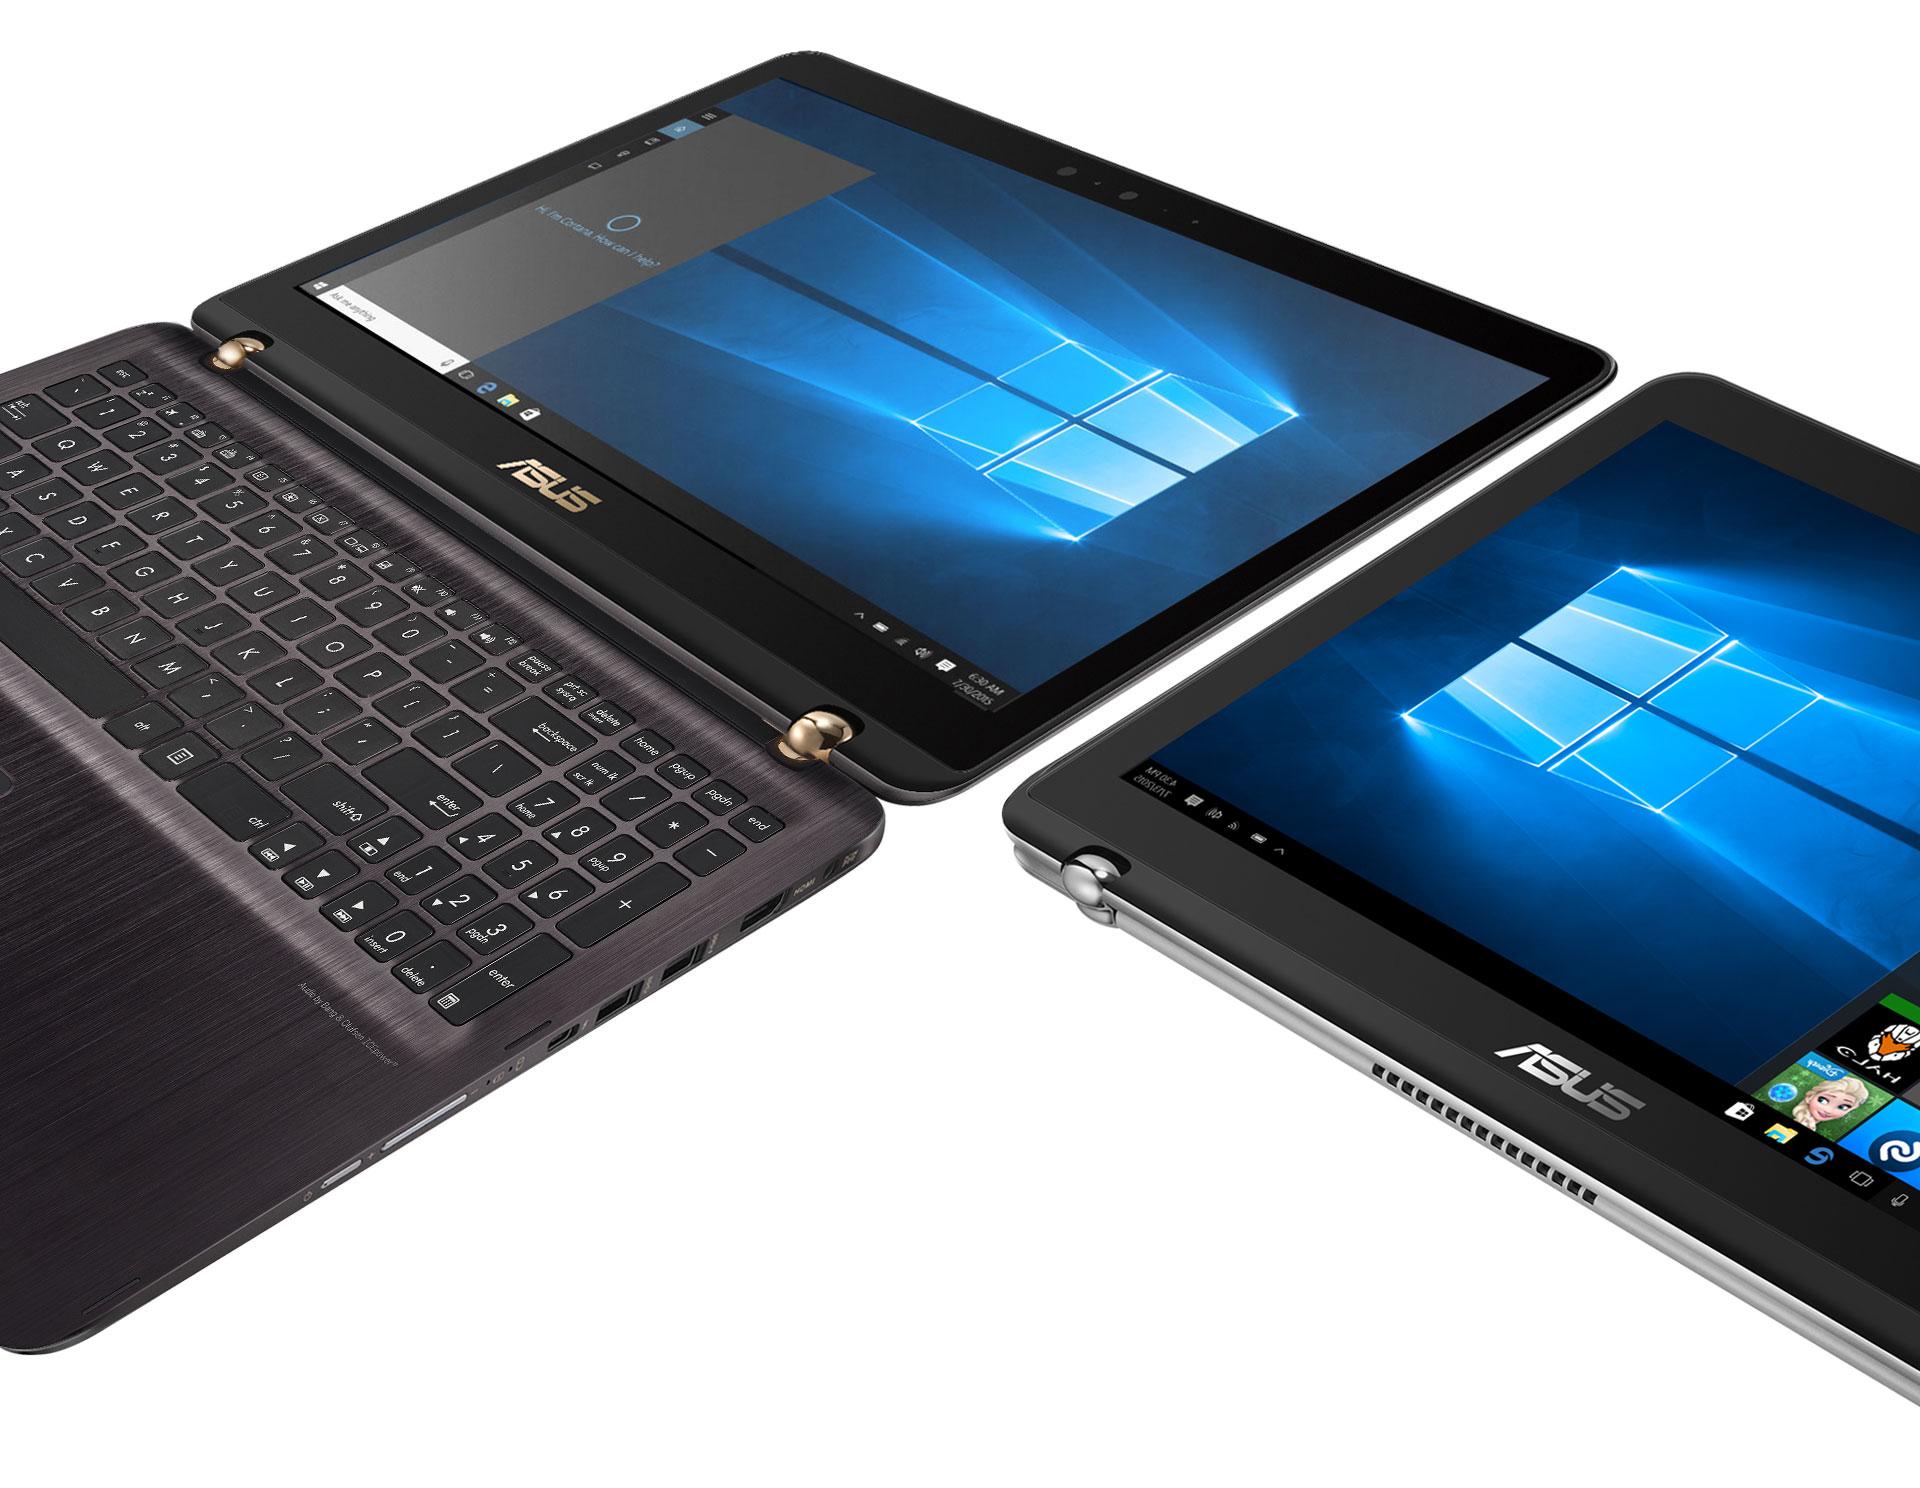 Asus Zenbook Flip Ux560ua Laptops Asus Global